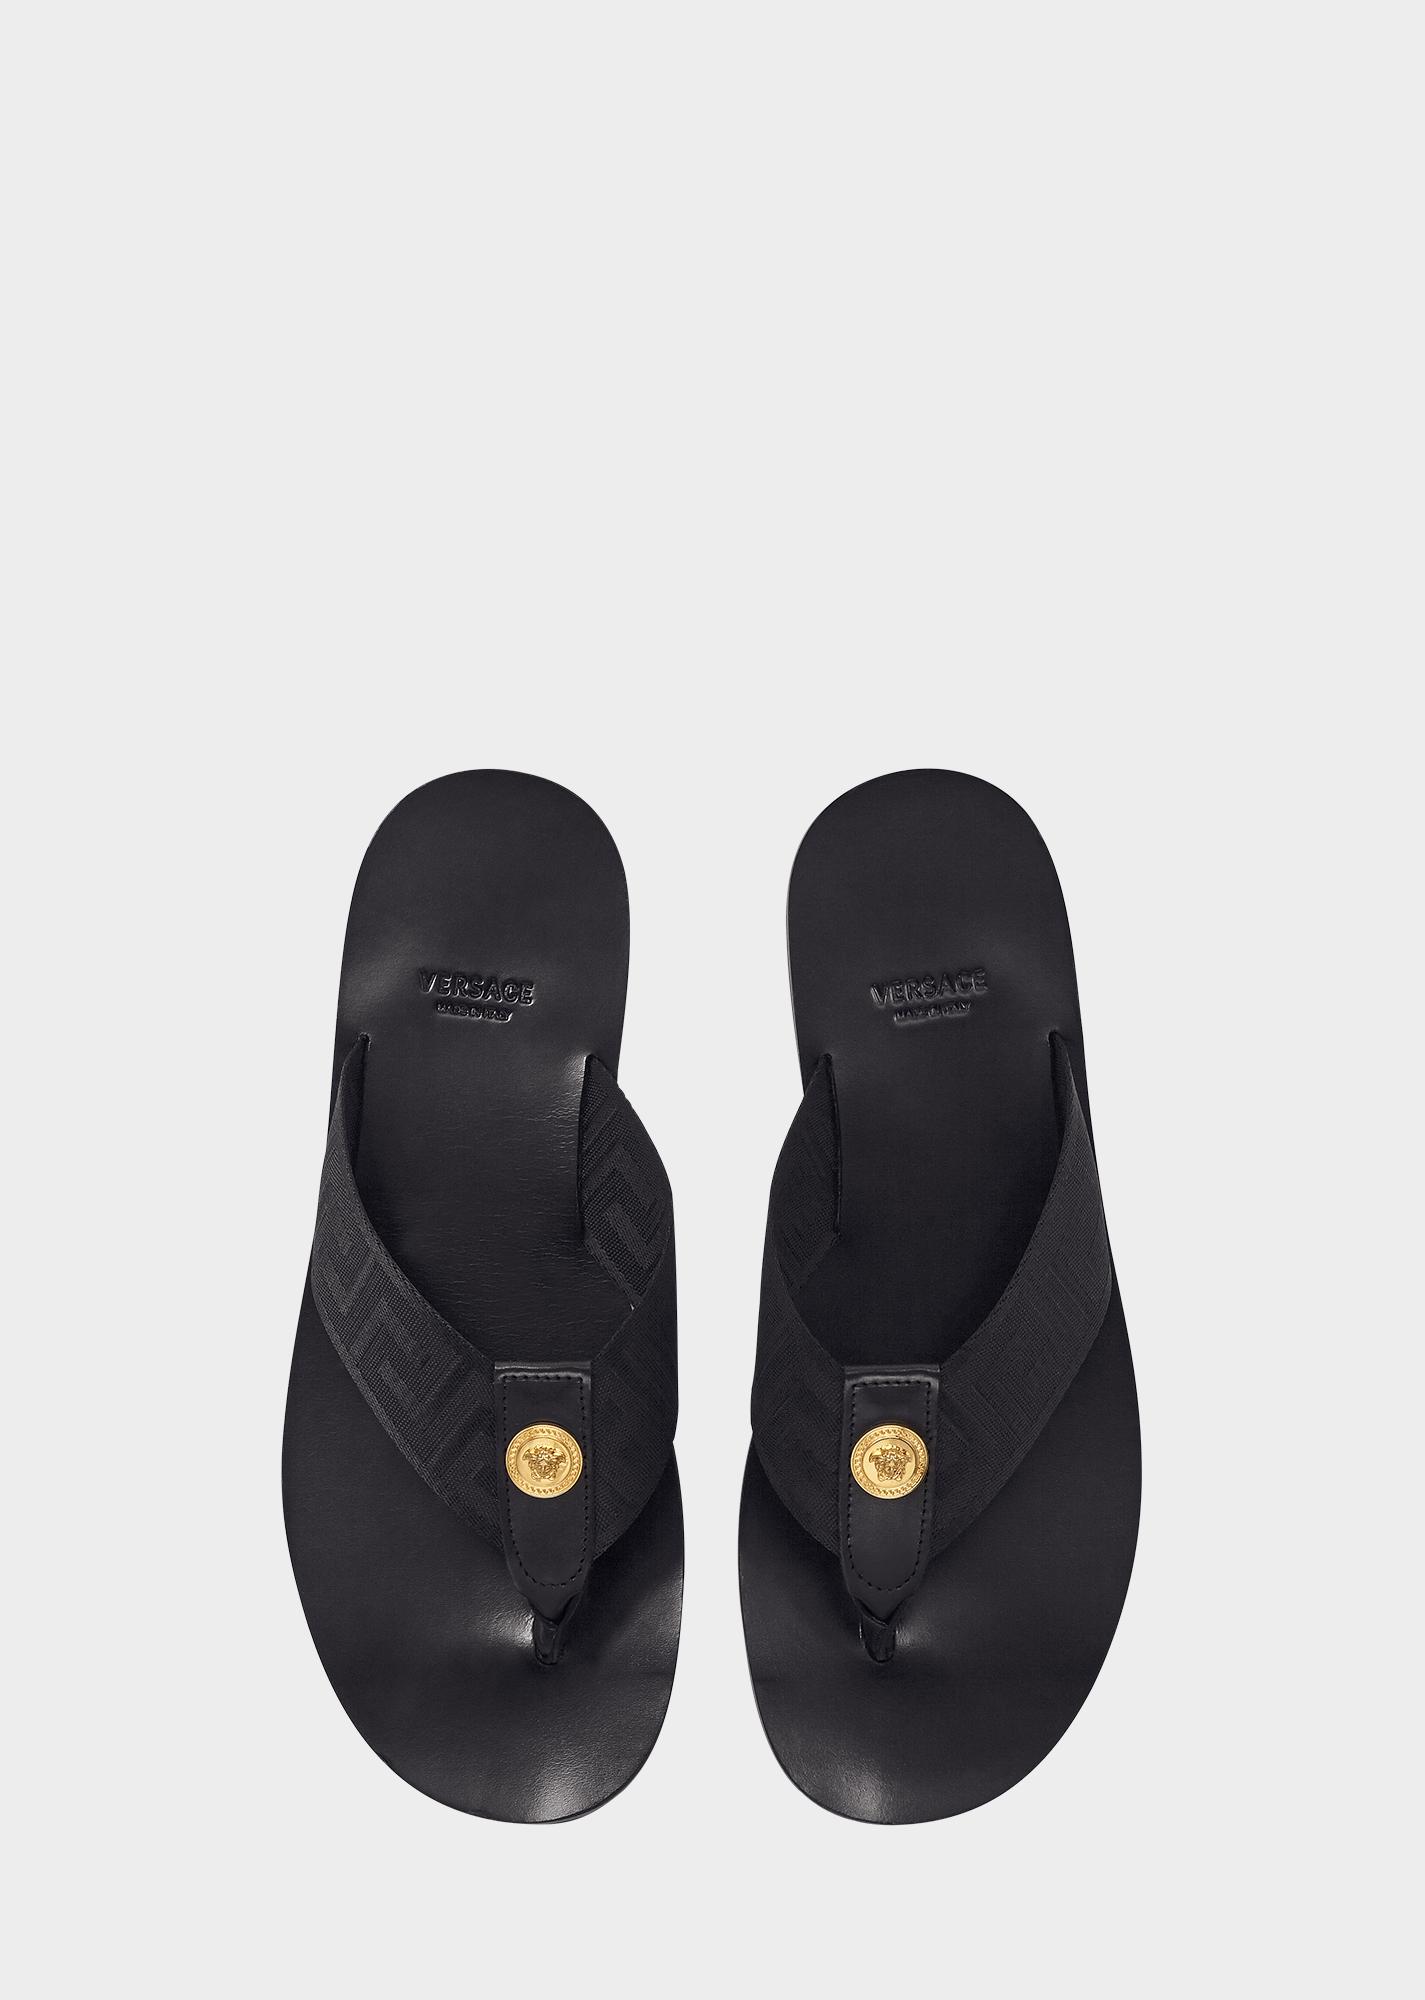 27c9fb0ecdbb Versace Logo-Embellished Leather And Webbing Flip Flops In Black ...